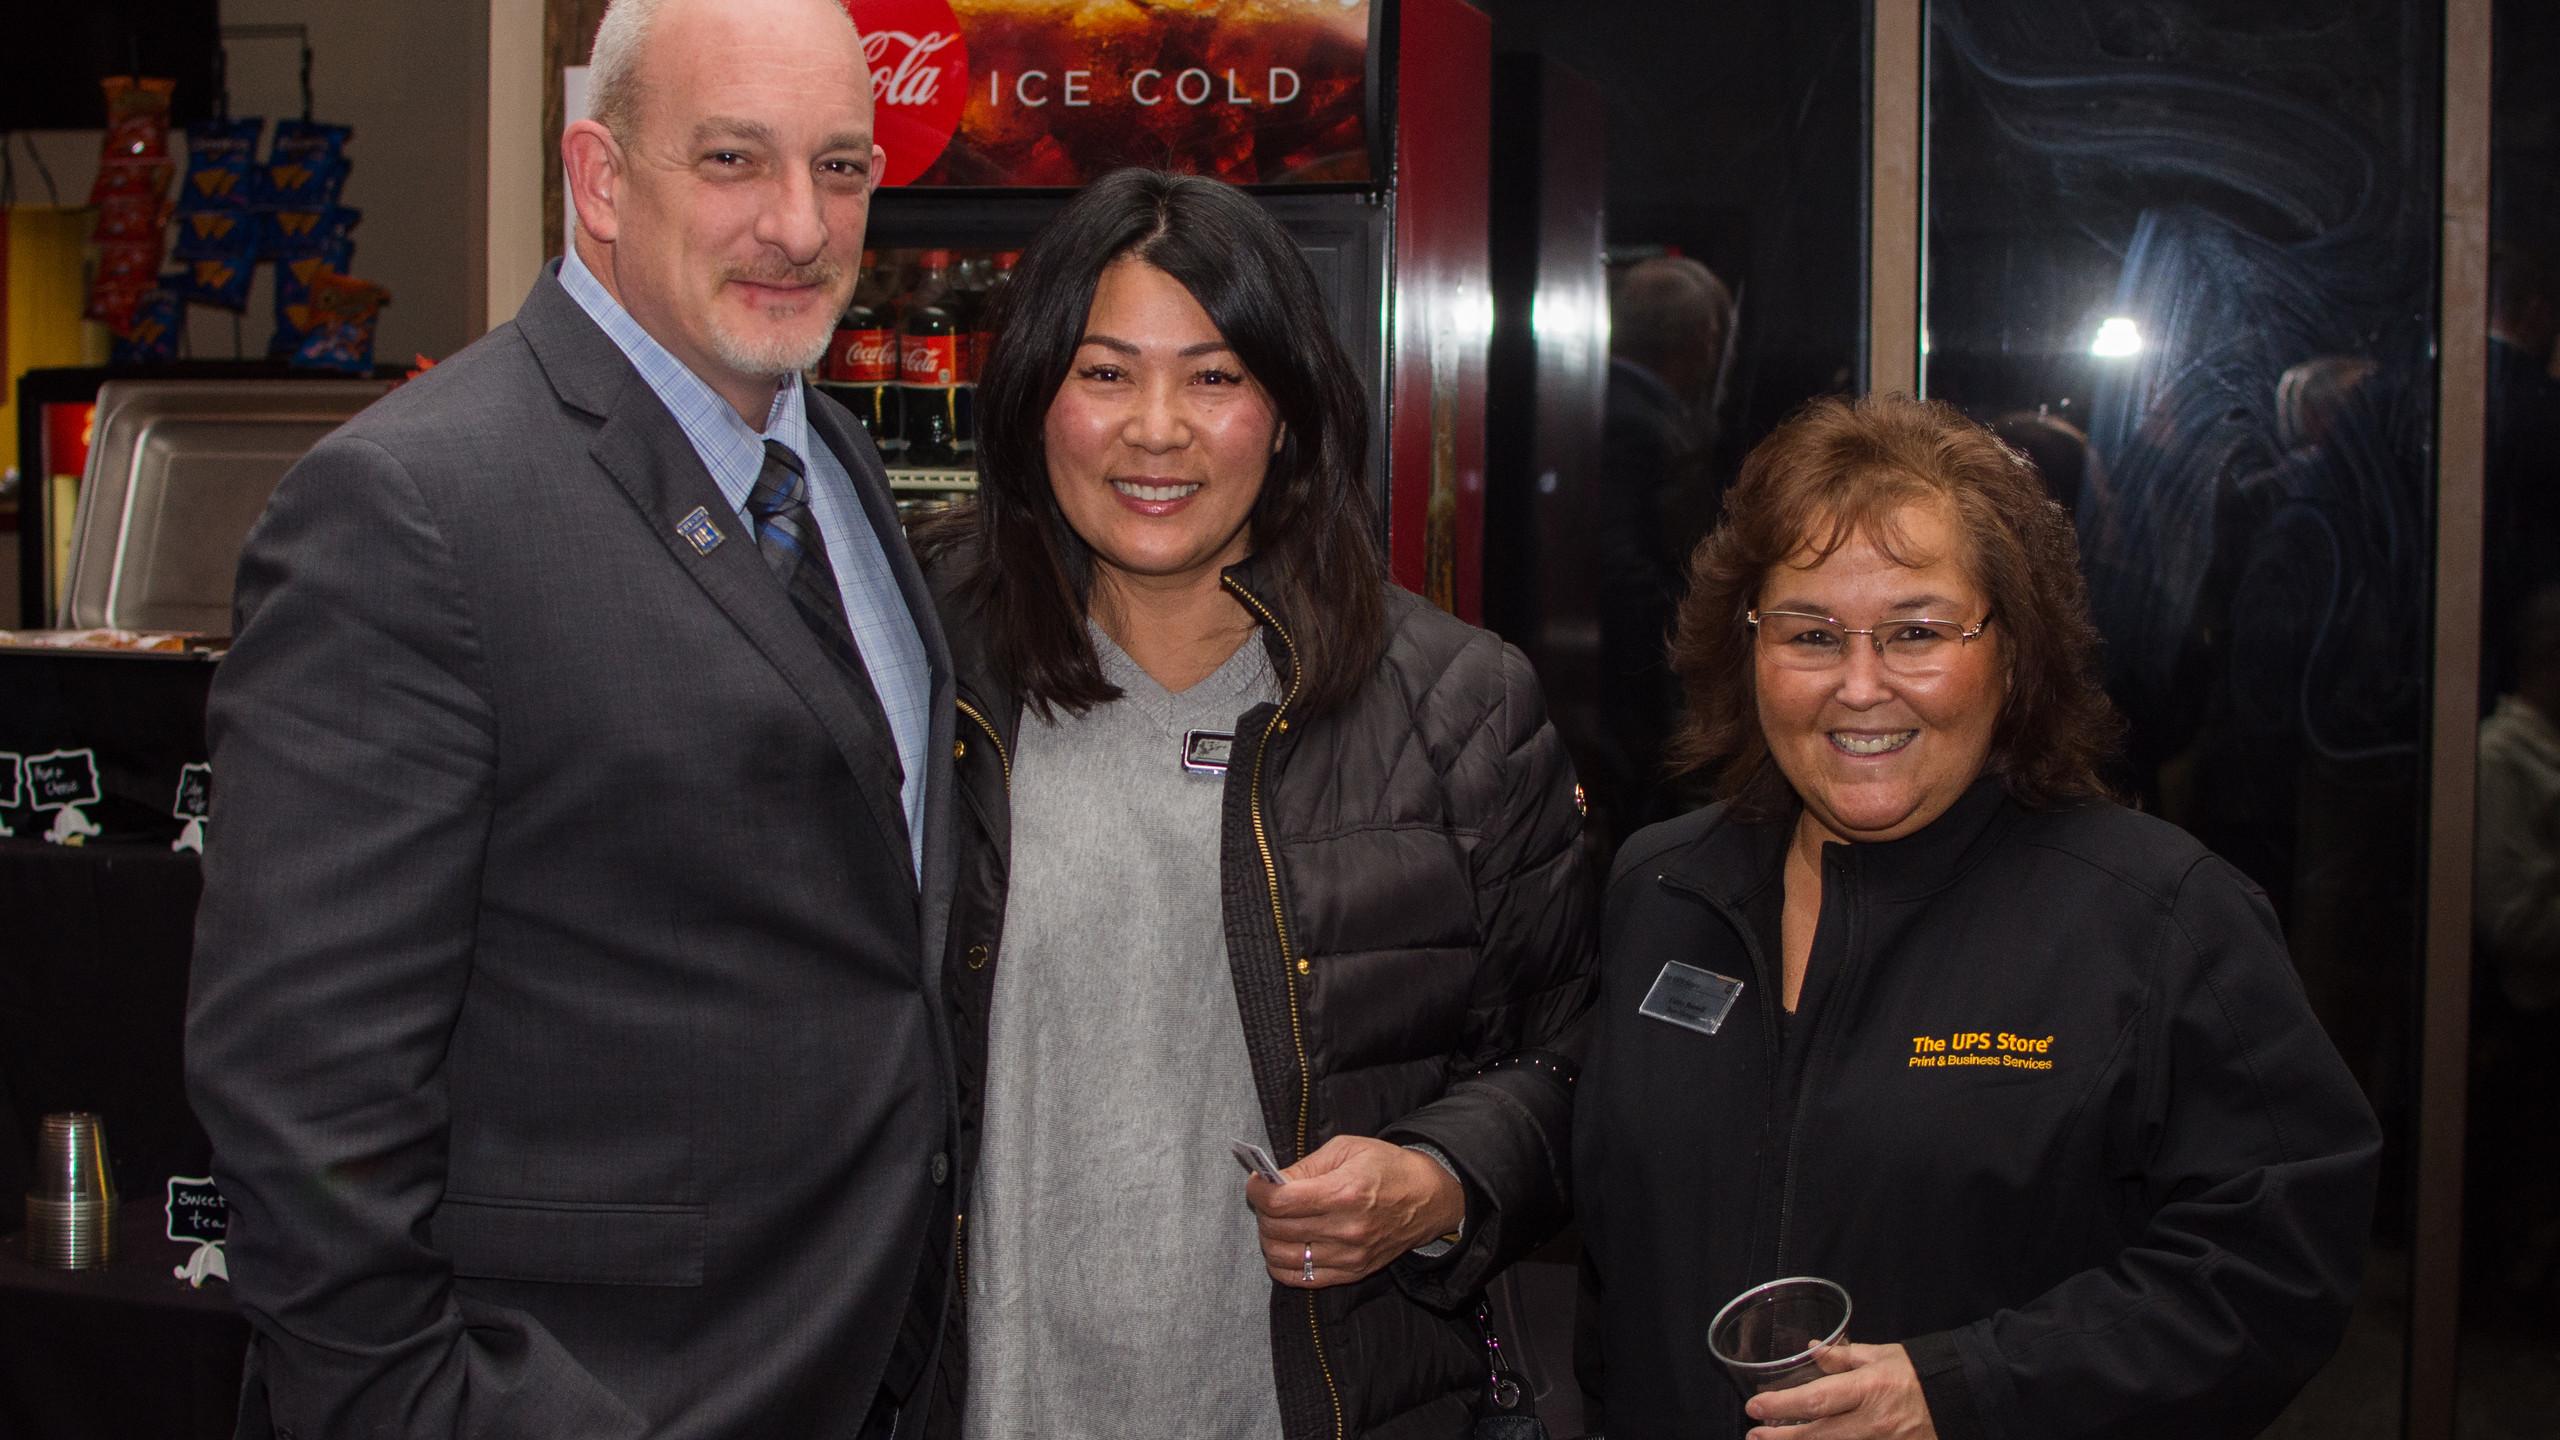 Randy Whetsell, Sue Whetsell, and Cathy